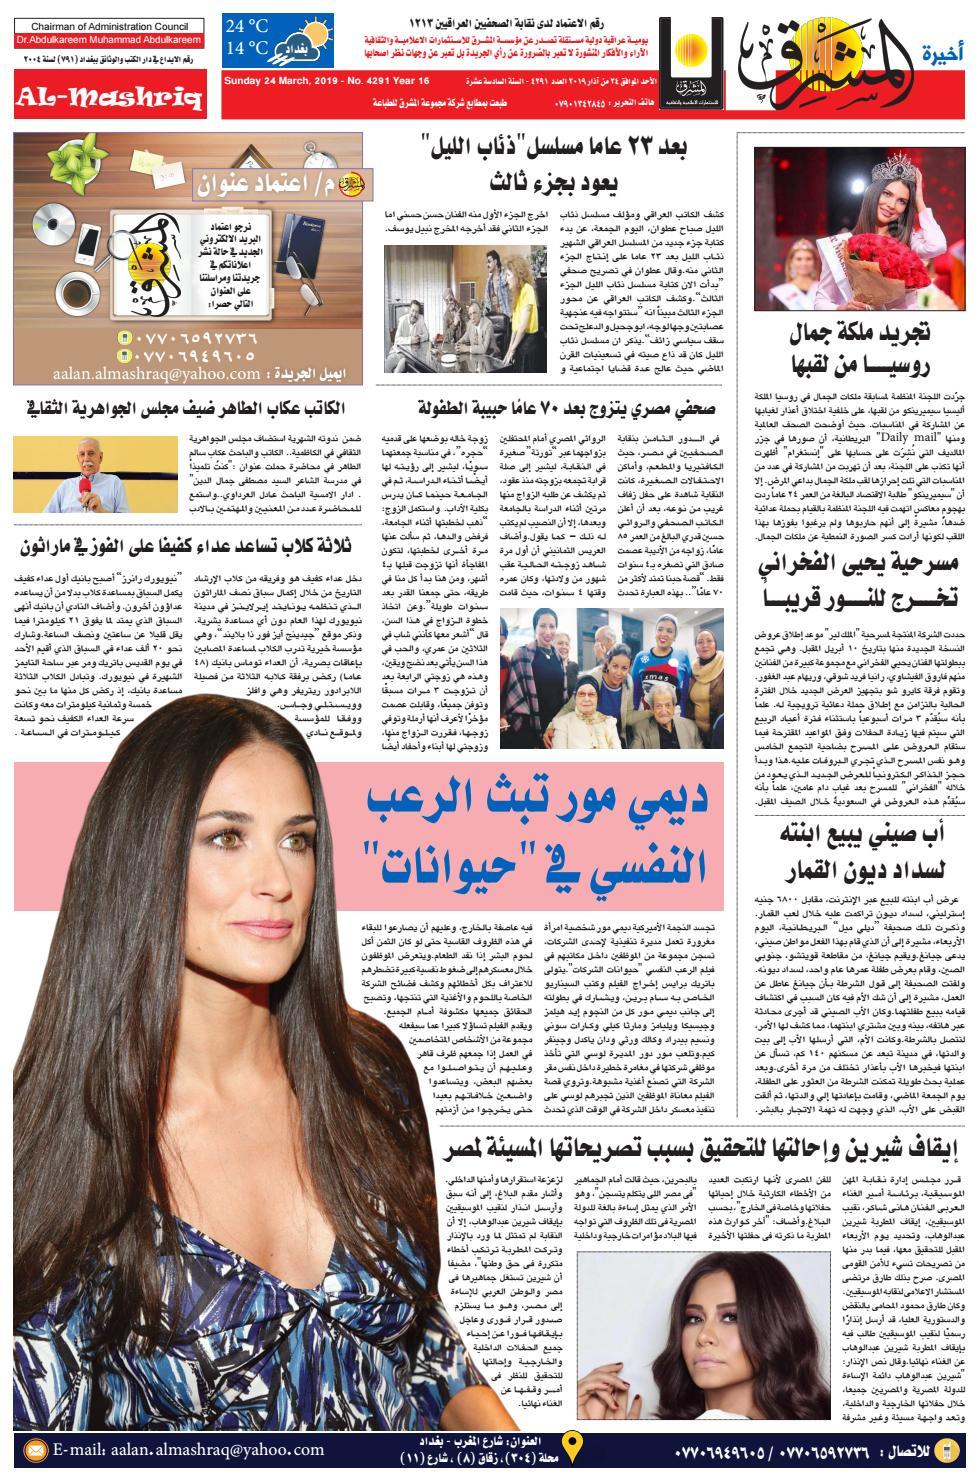 2e727cd37d16f 4291 AlmashriqNews by Al Mashriq Newspaper - issuu